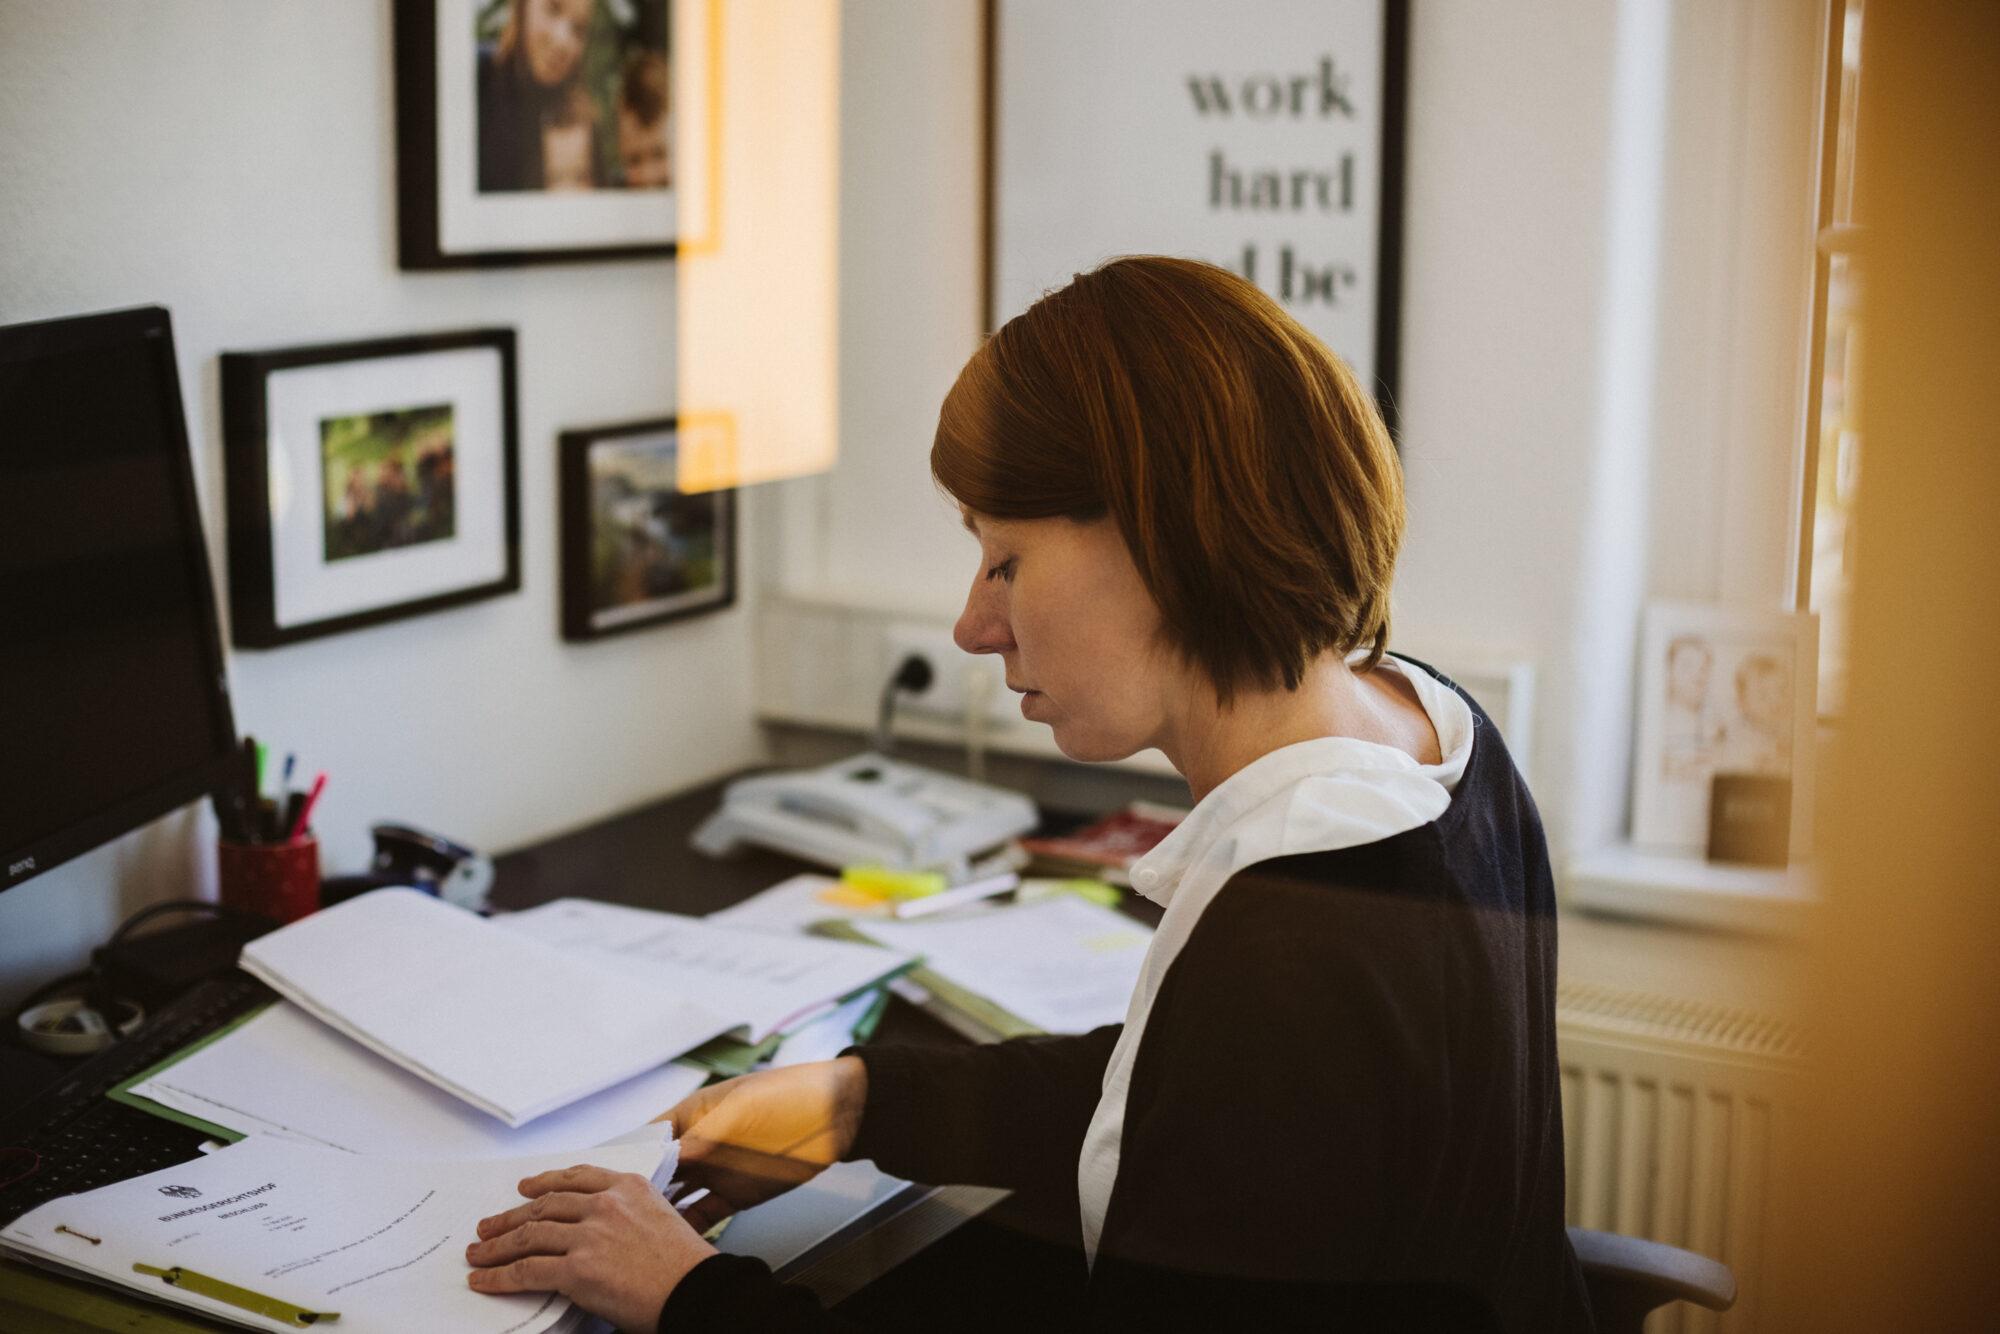 Strafverteidigung Stefanie Biewald